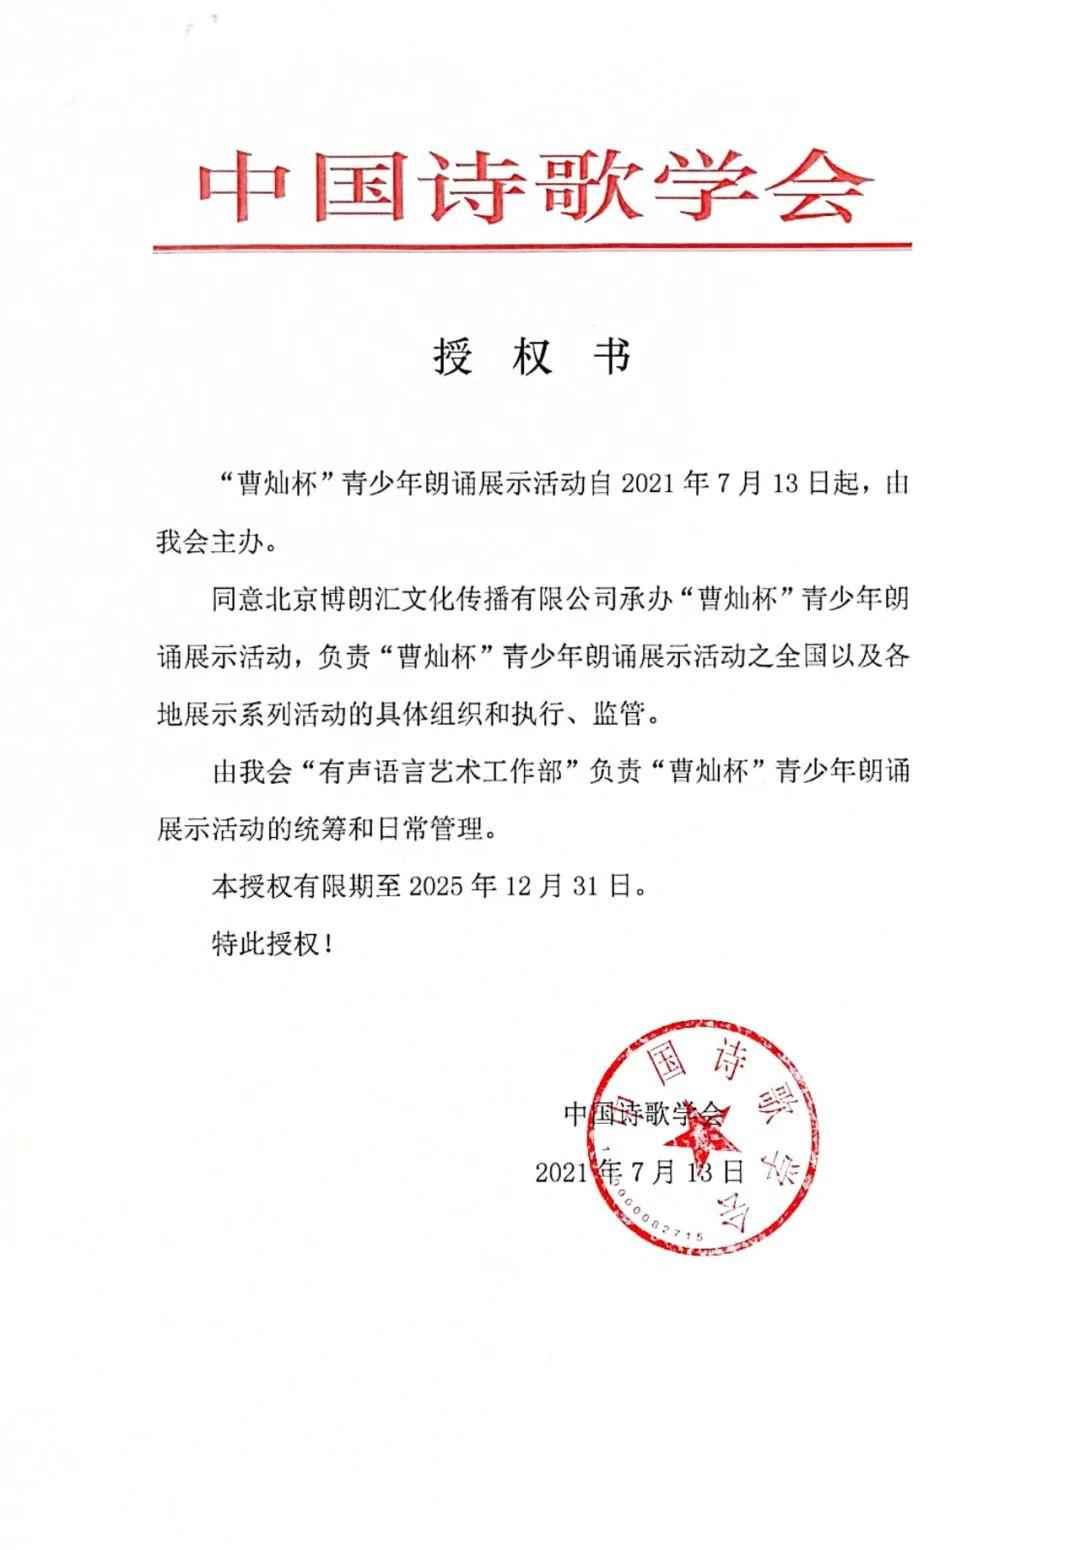 """中国诗歌学会正式批复主办""""曹灿杯"""",由学会""""有声语言艺术工作部""""负责统筹和日常管理 第1张"""